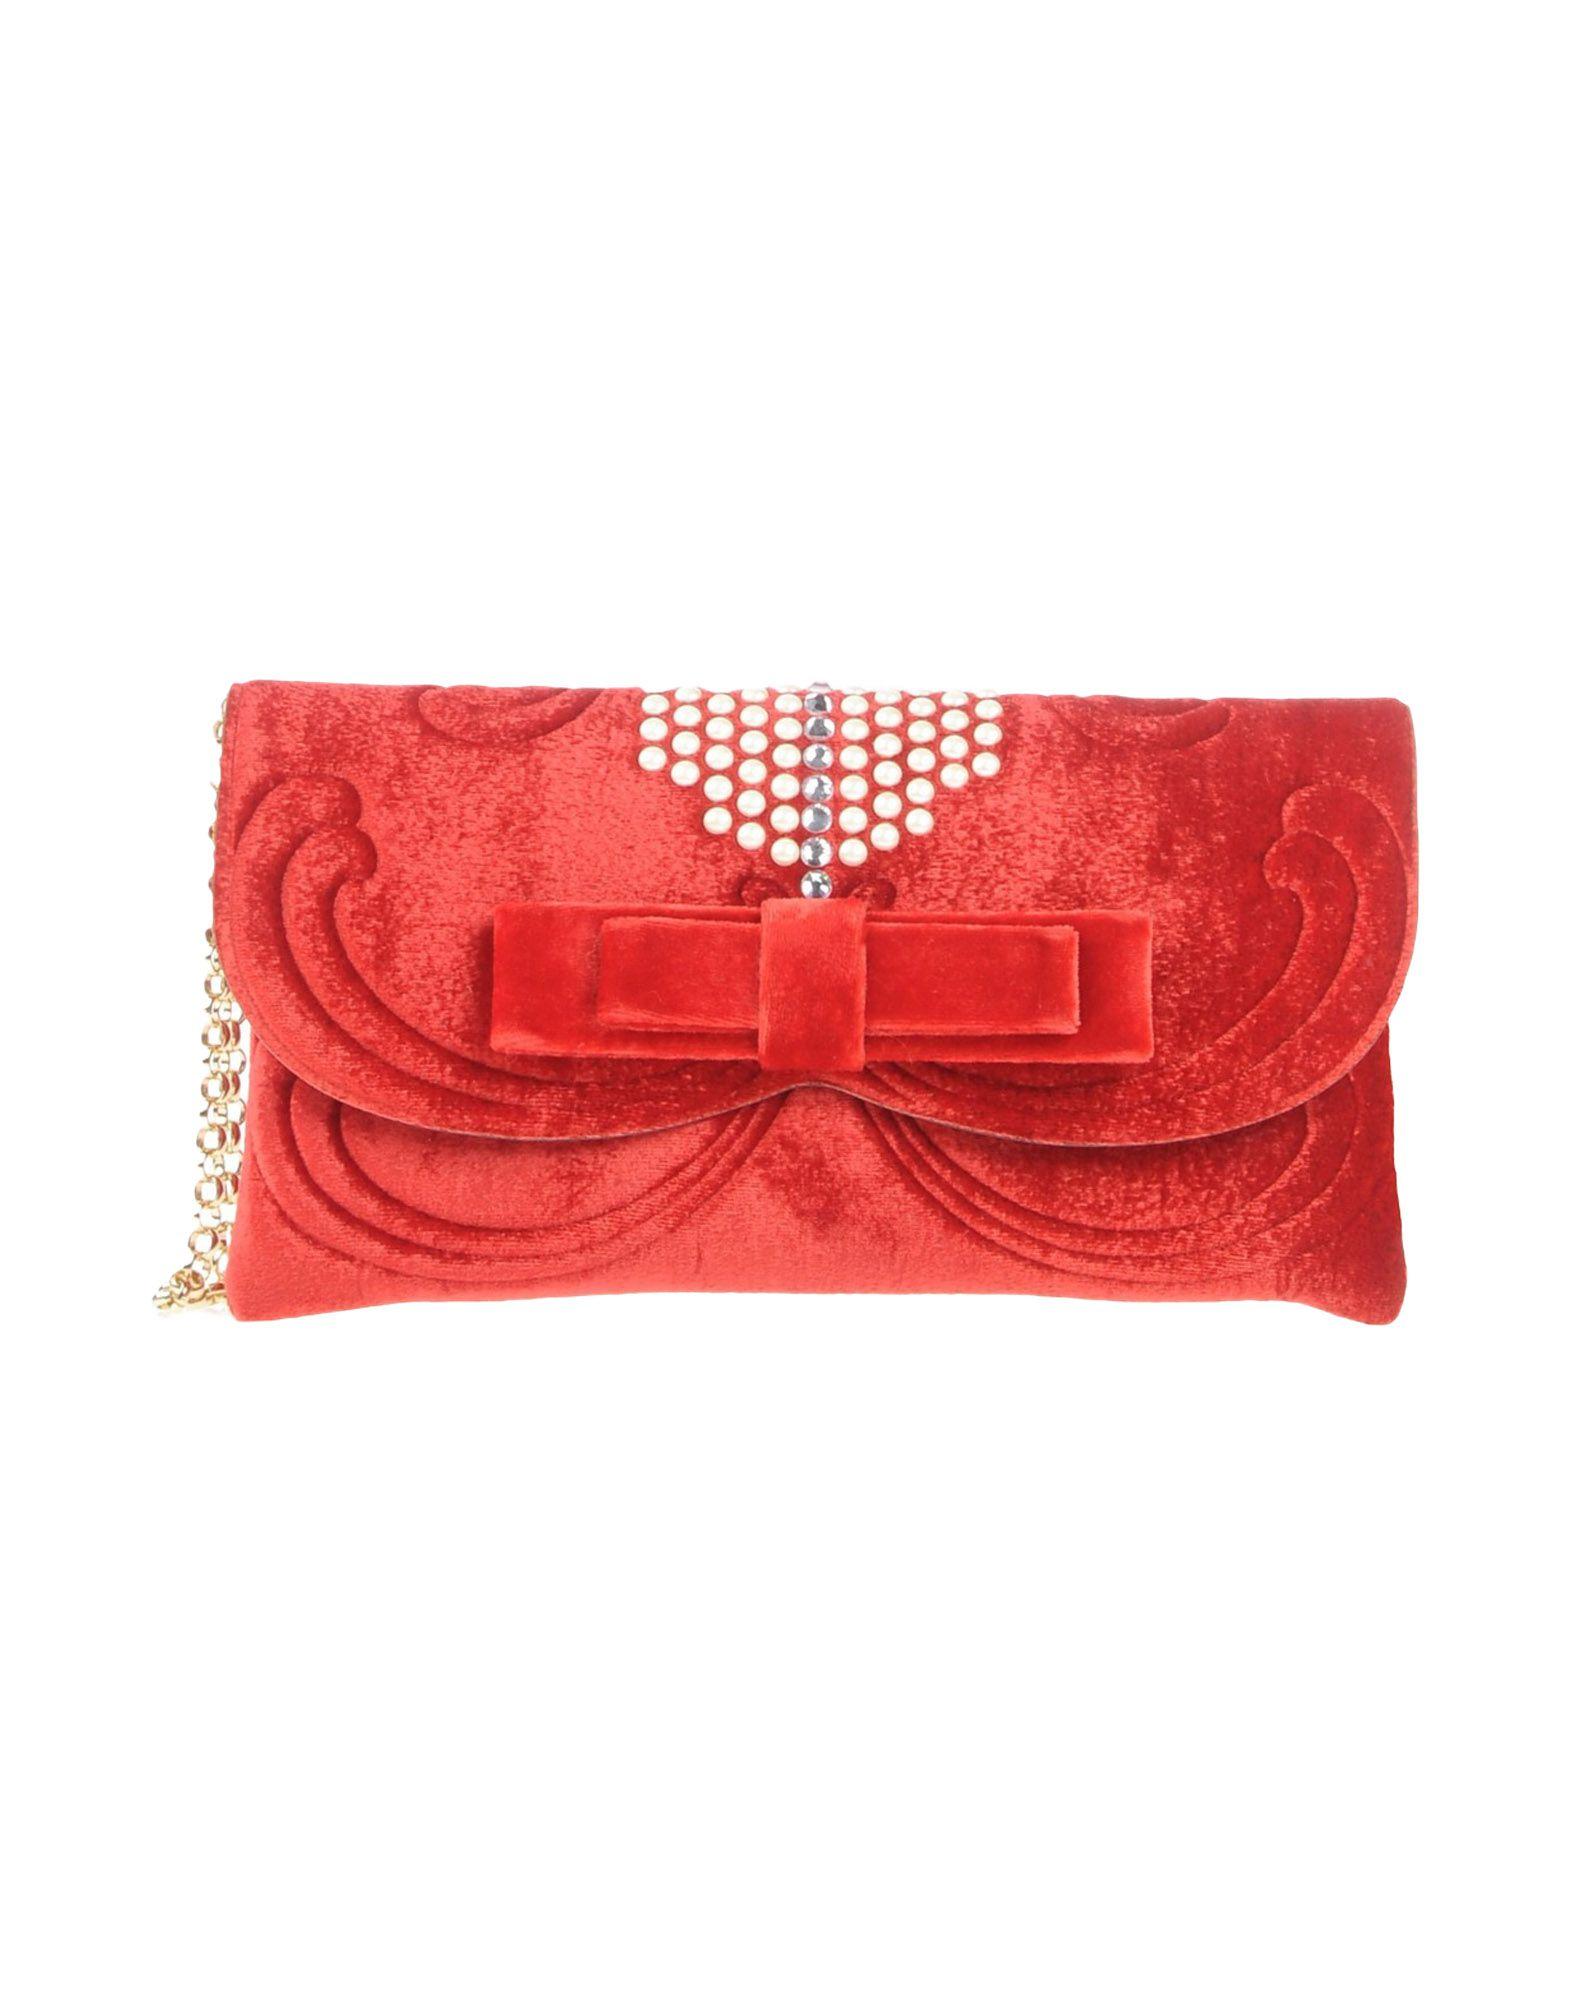 《送料無料》LA FILLE des FLEURS レディース ハンドバッグ レッド 紡績繊維